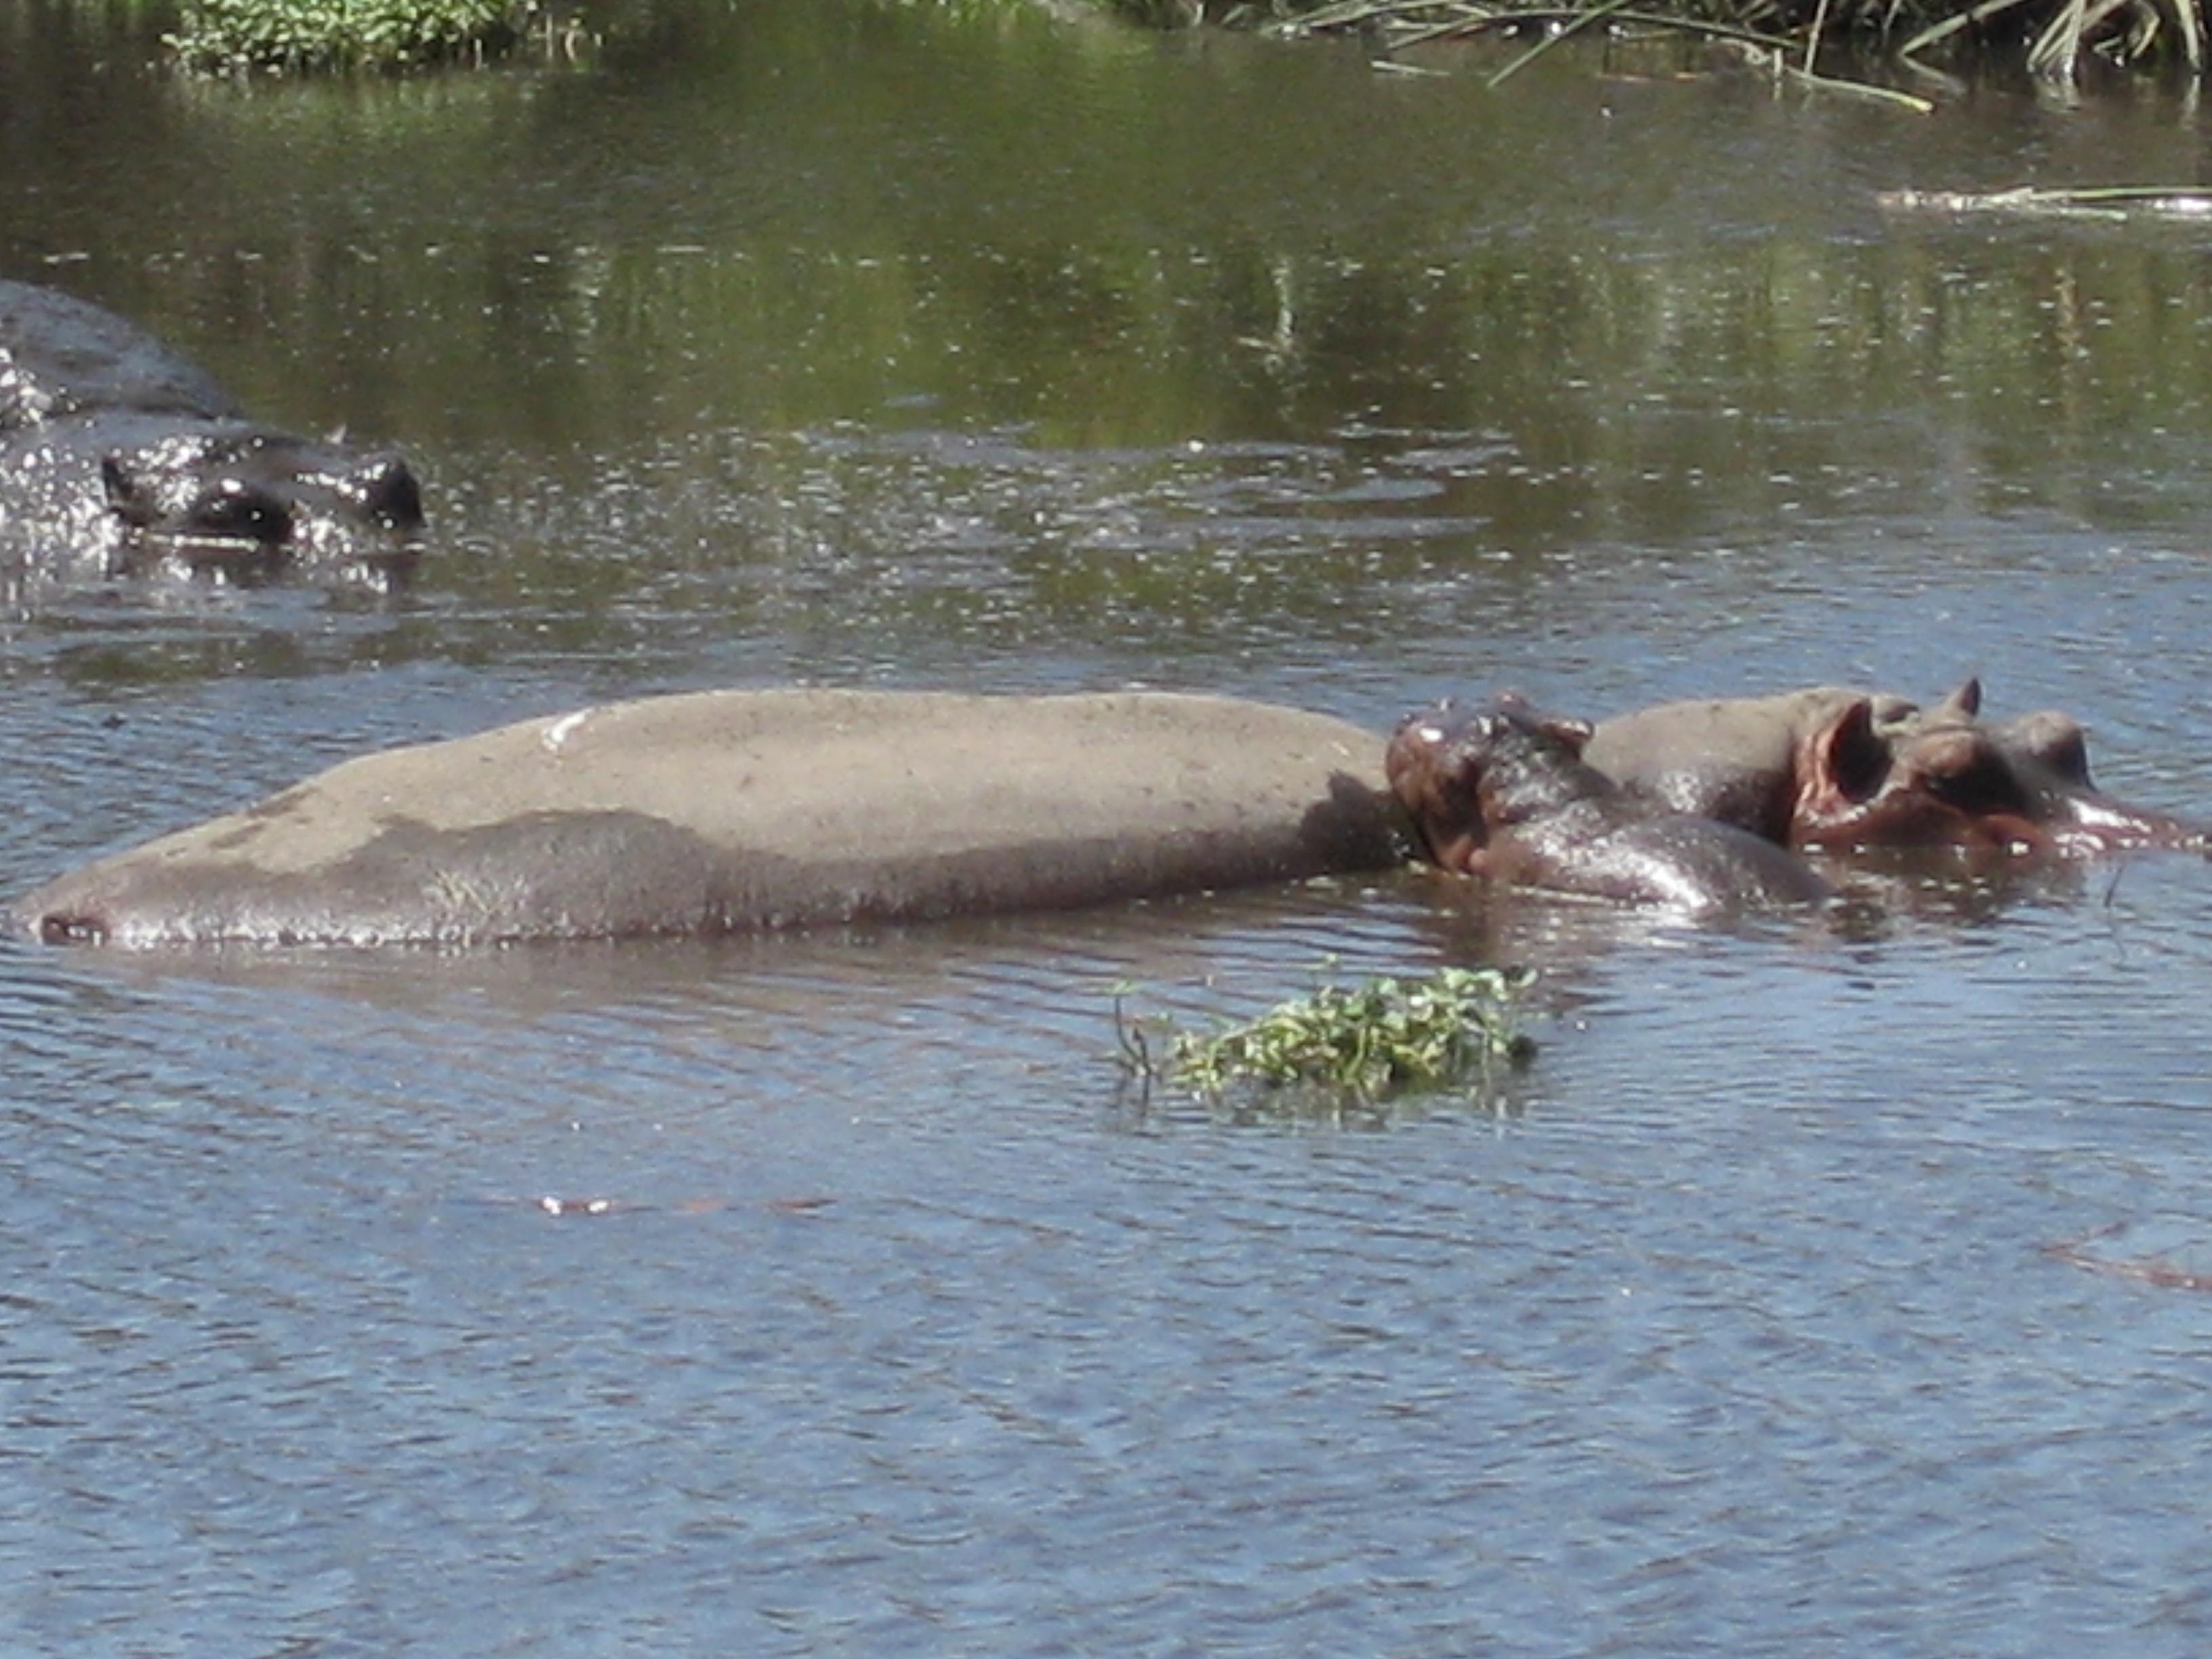 2008 Africa Tanzania hippos safari